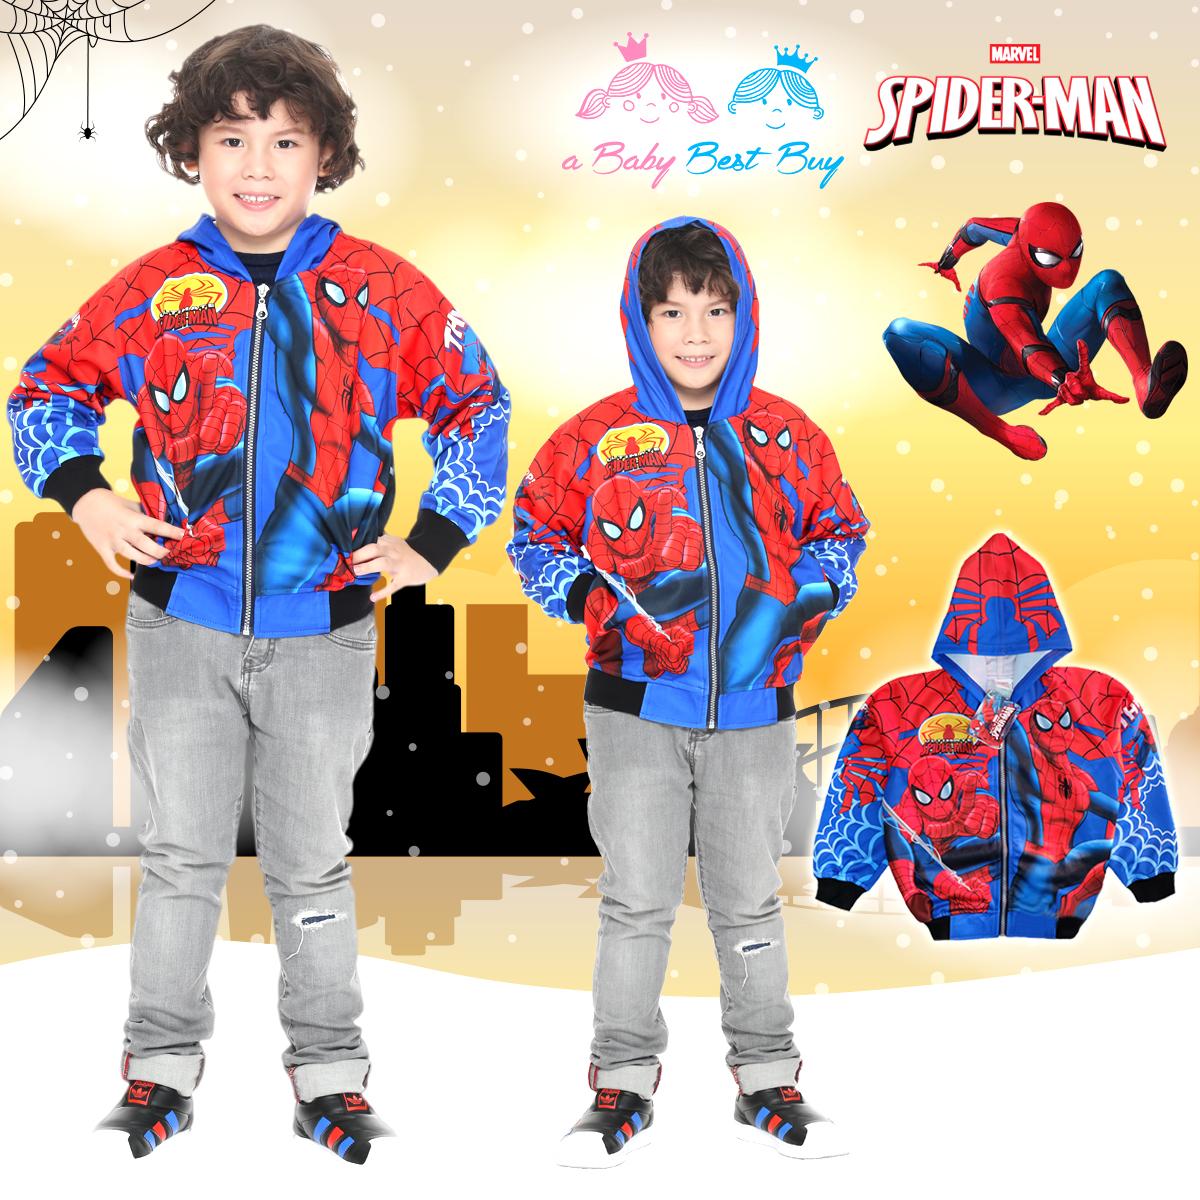 """"""" ( S-M-L-XL """" เสื้อแจ็คเก็ต Spiderman เสื้อกันหนาว เด็กผู้ชาย สีน้ำเงิน รูดซิป มีหมวก(ฮู้ด) ใส่คลุมกันหนาว กันแดด สุดเท่ห์ ใส่สบาย ลิขสิทธิ์แท้ (ไซส์ S-M-L-XL )"""